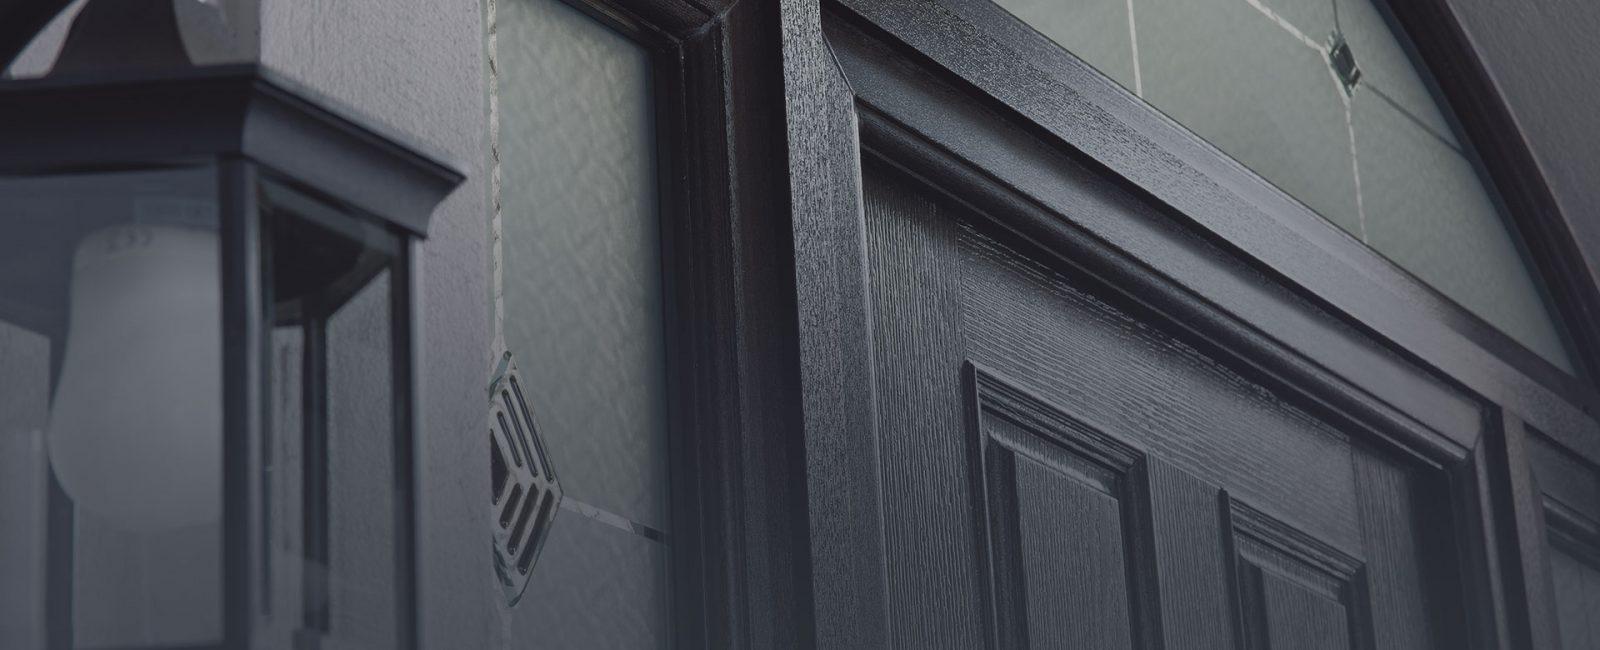 Composite Doors in the West Midlands